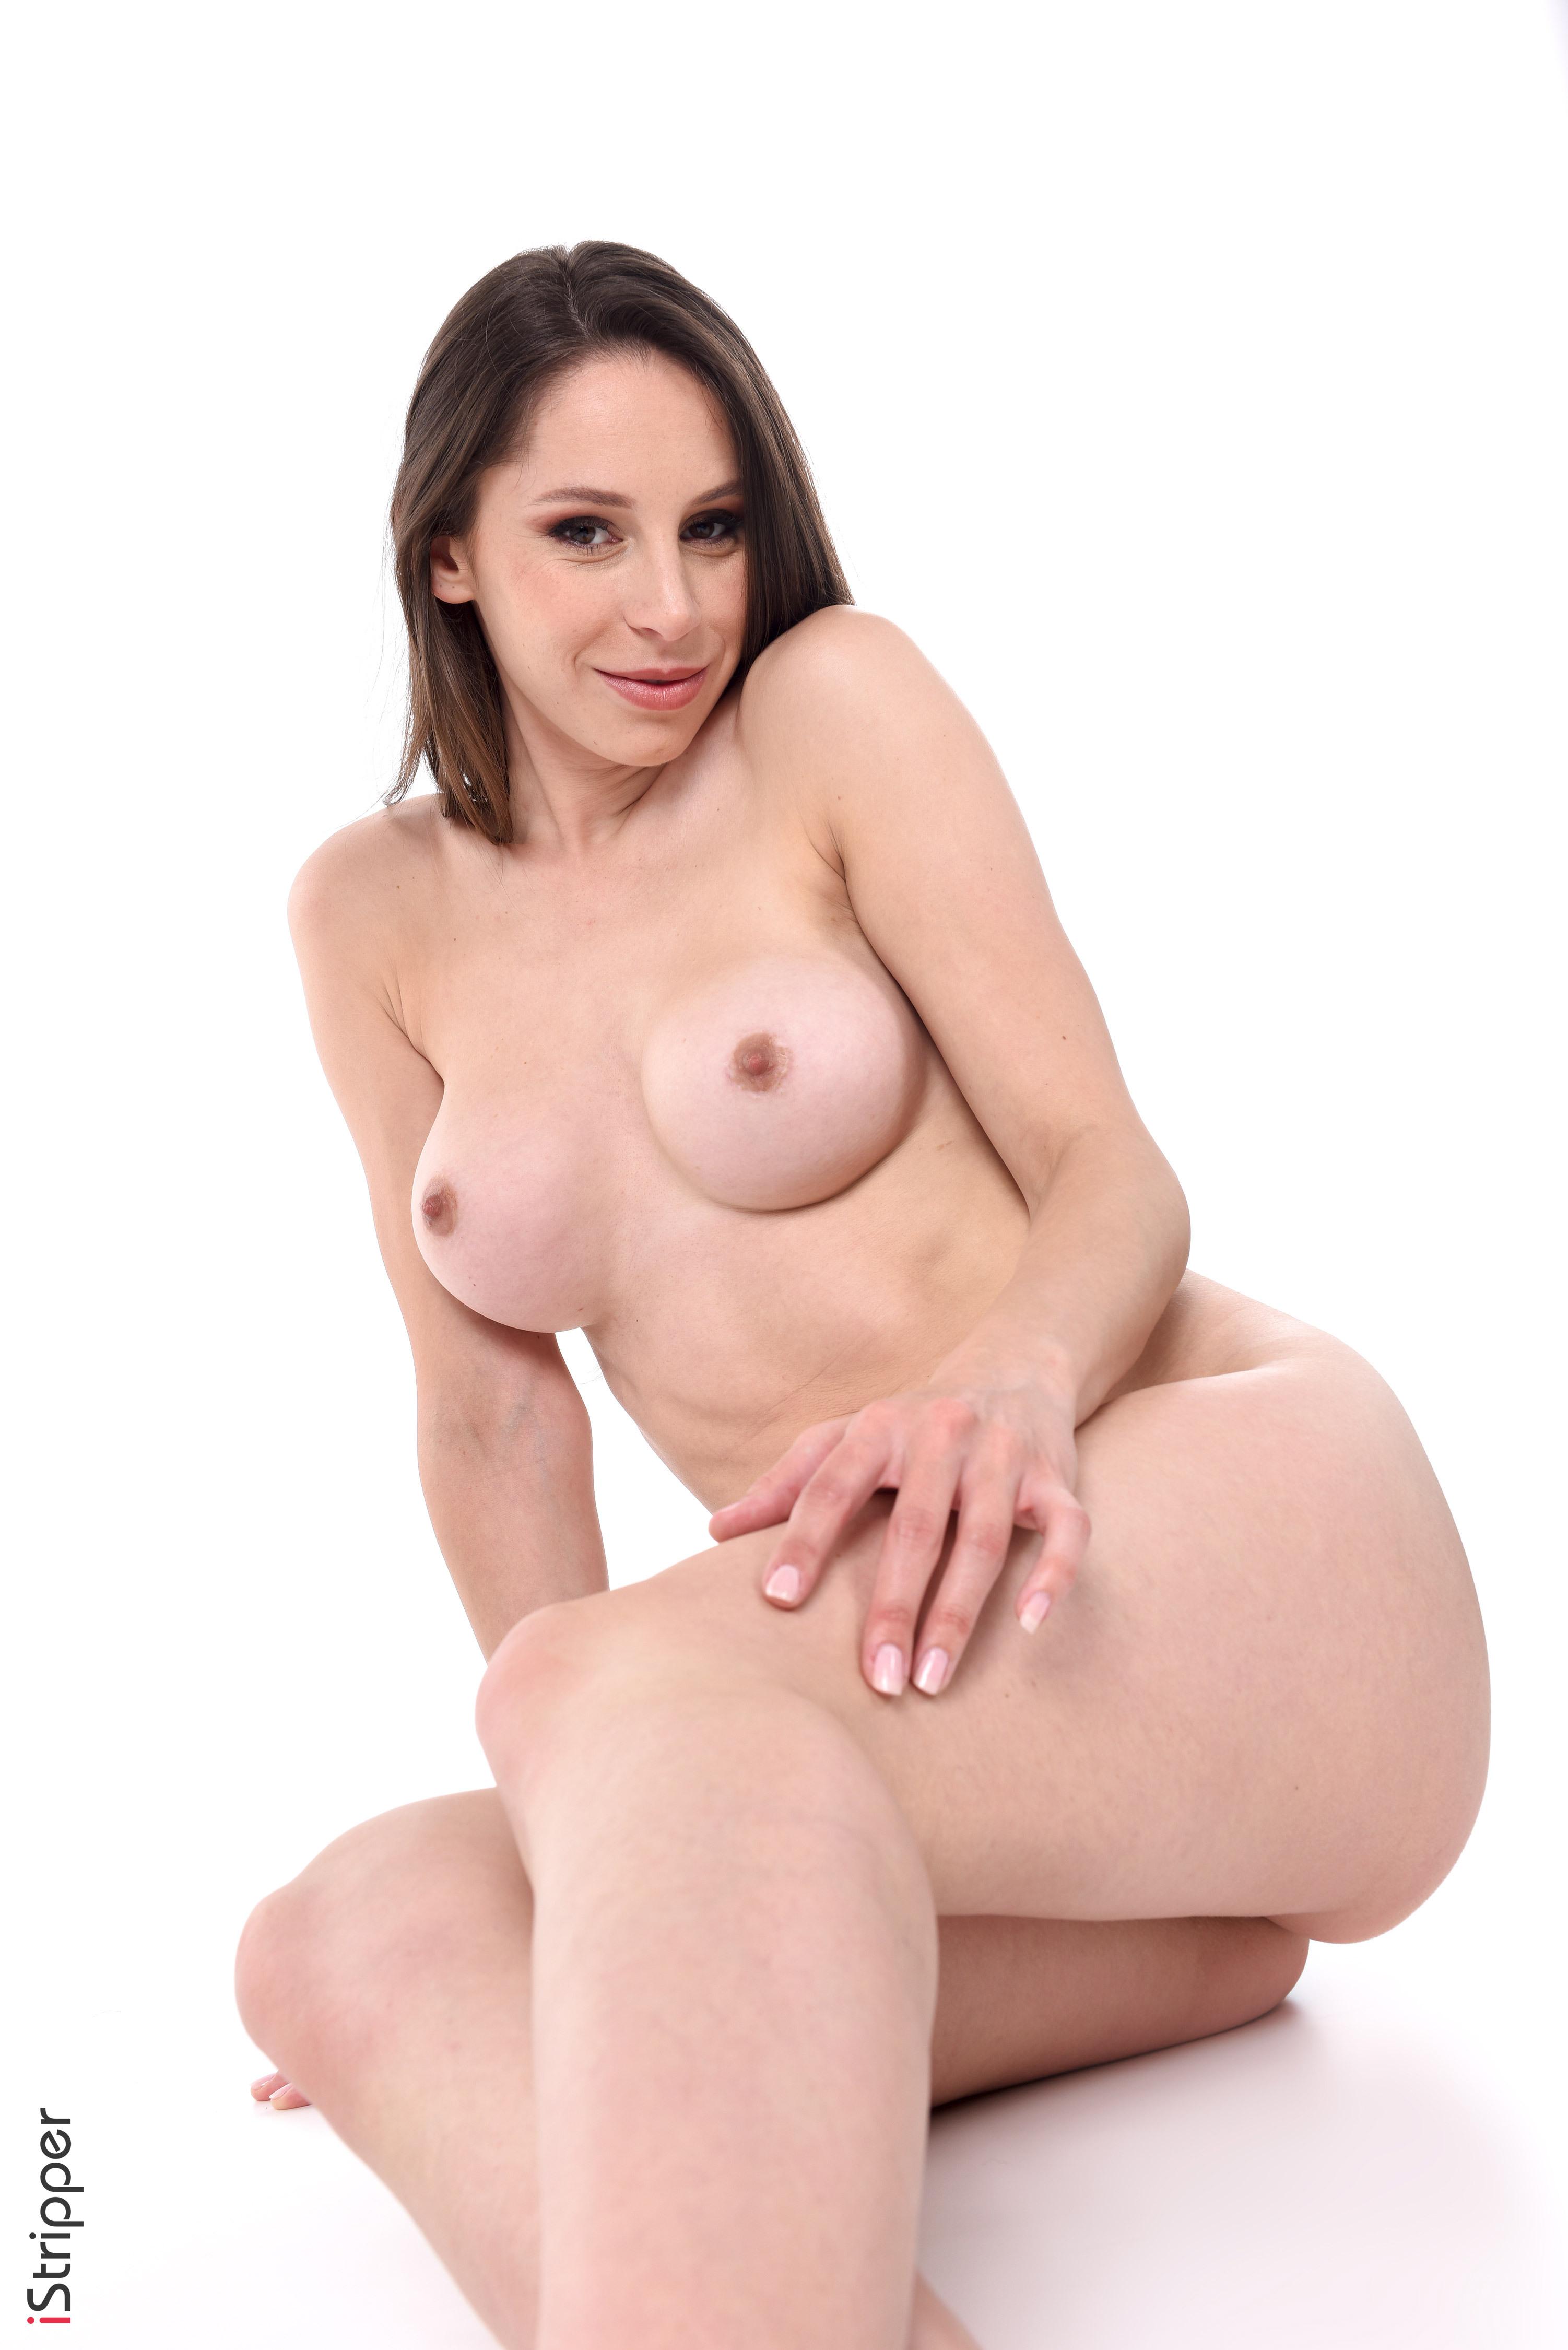 janessa brazil sexy dress & striptease